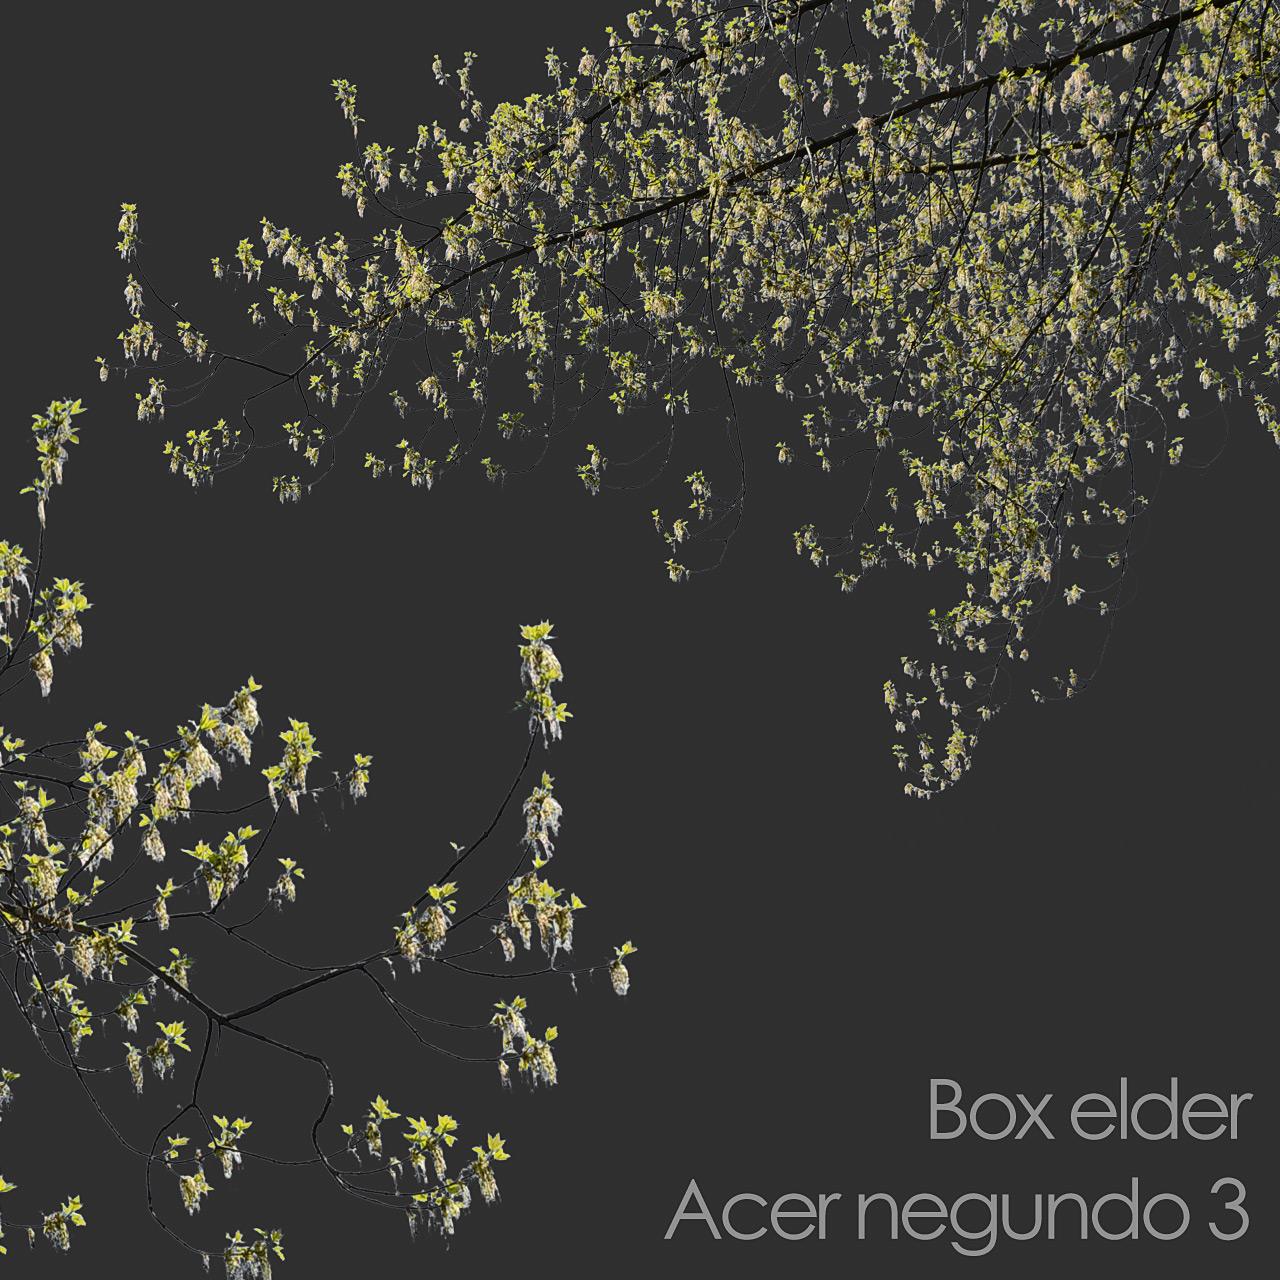 Box elder foreground tree branch cutout